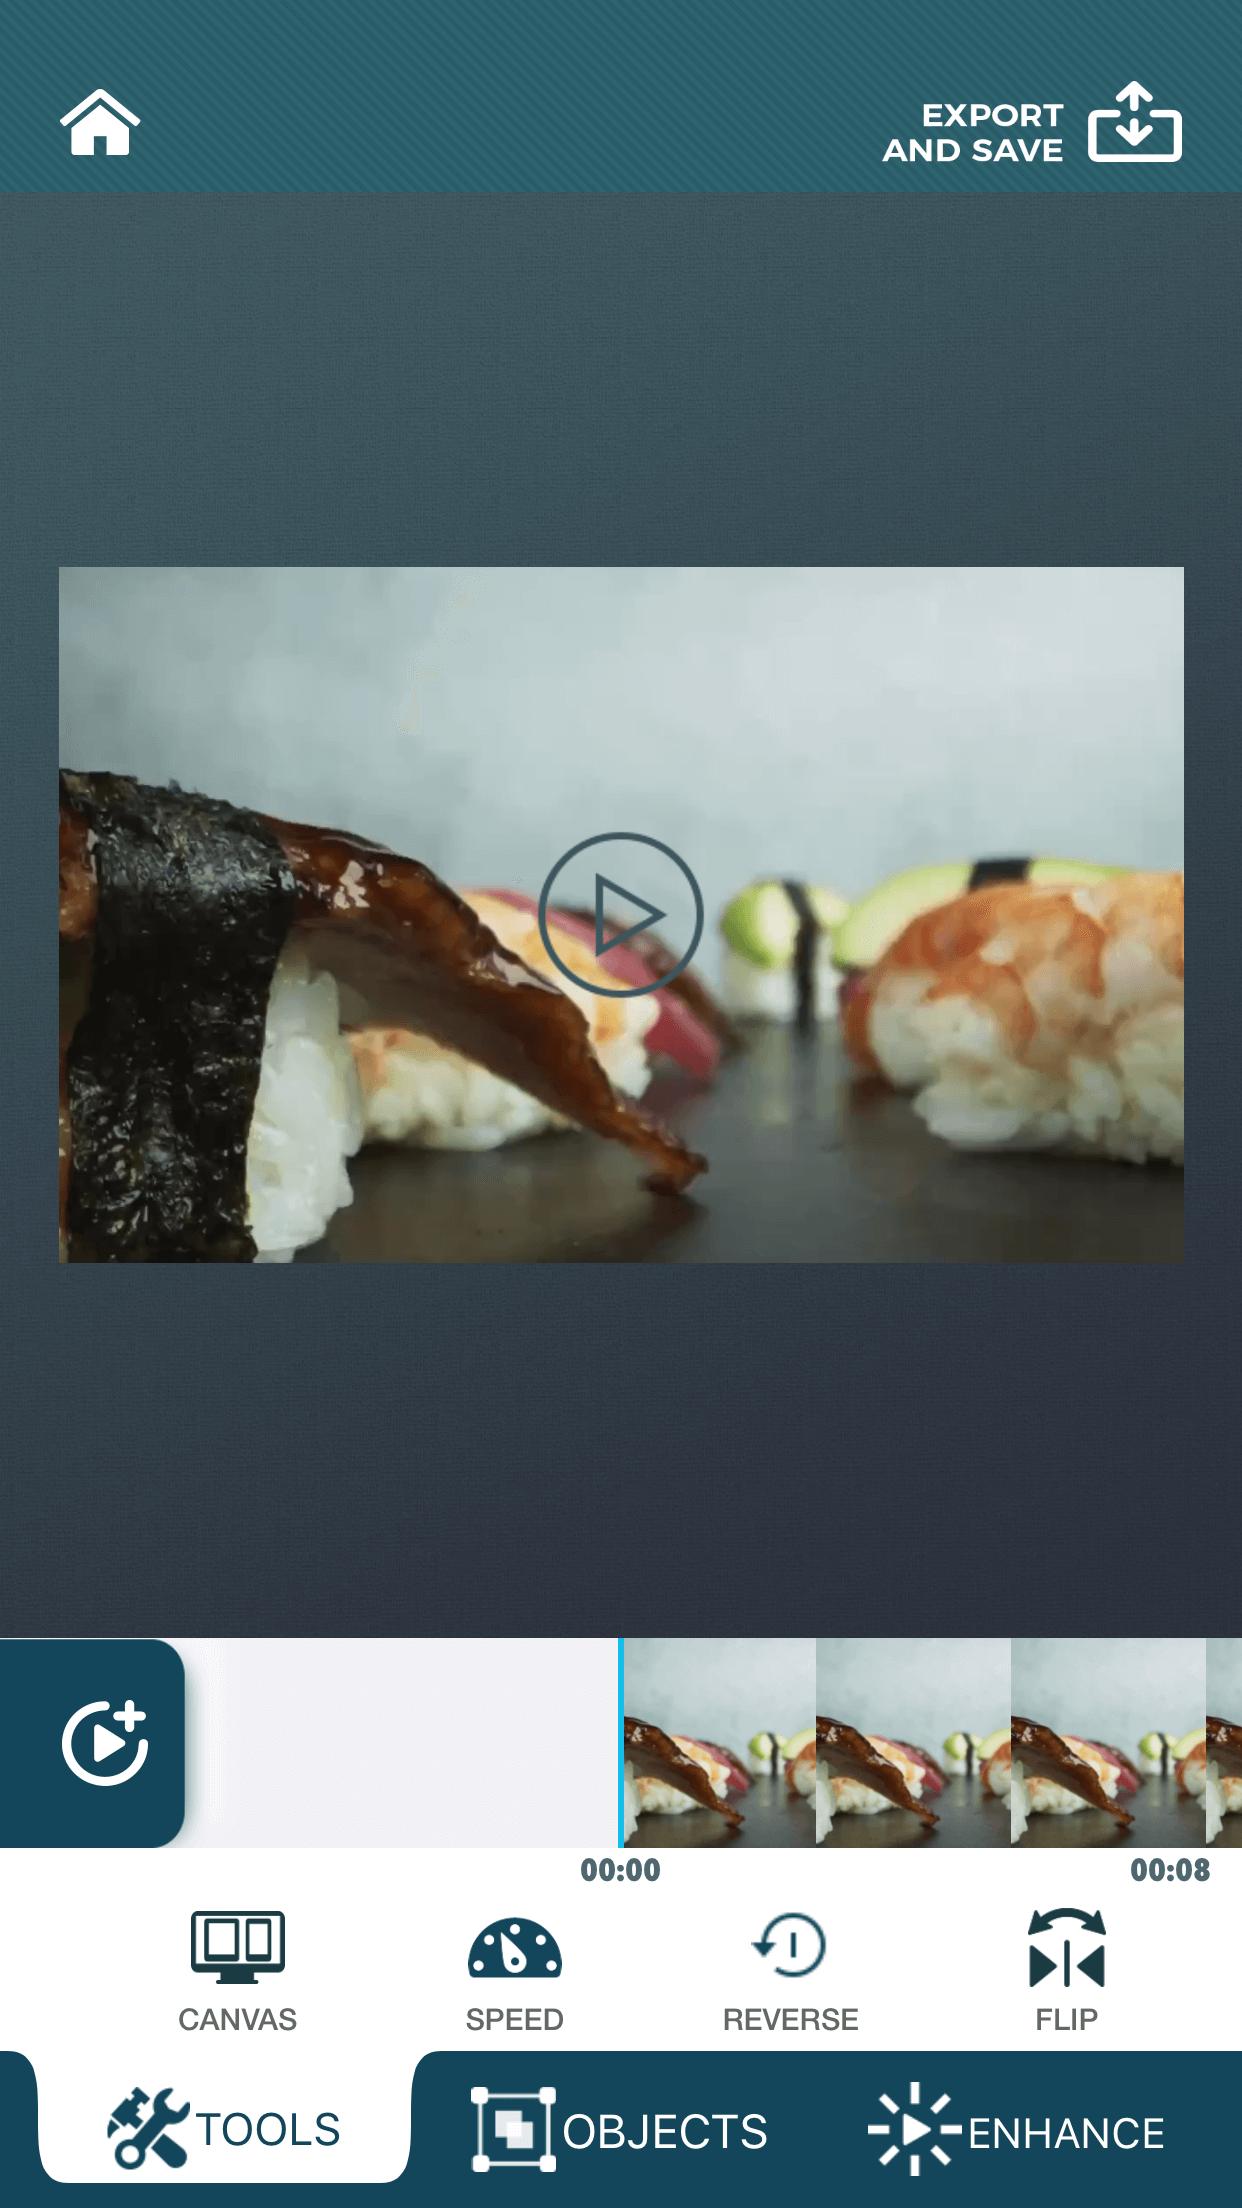 Canvas feature of zShot app.